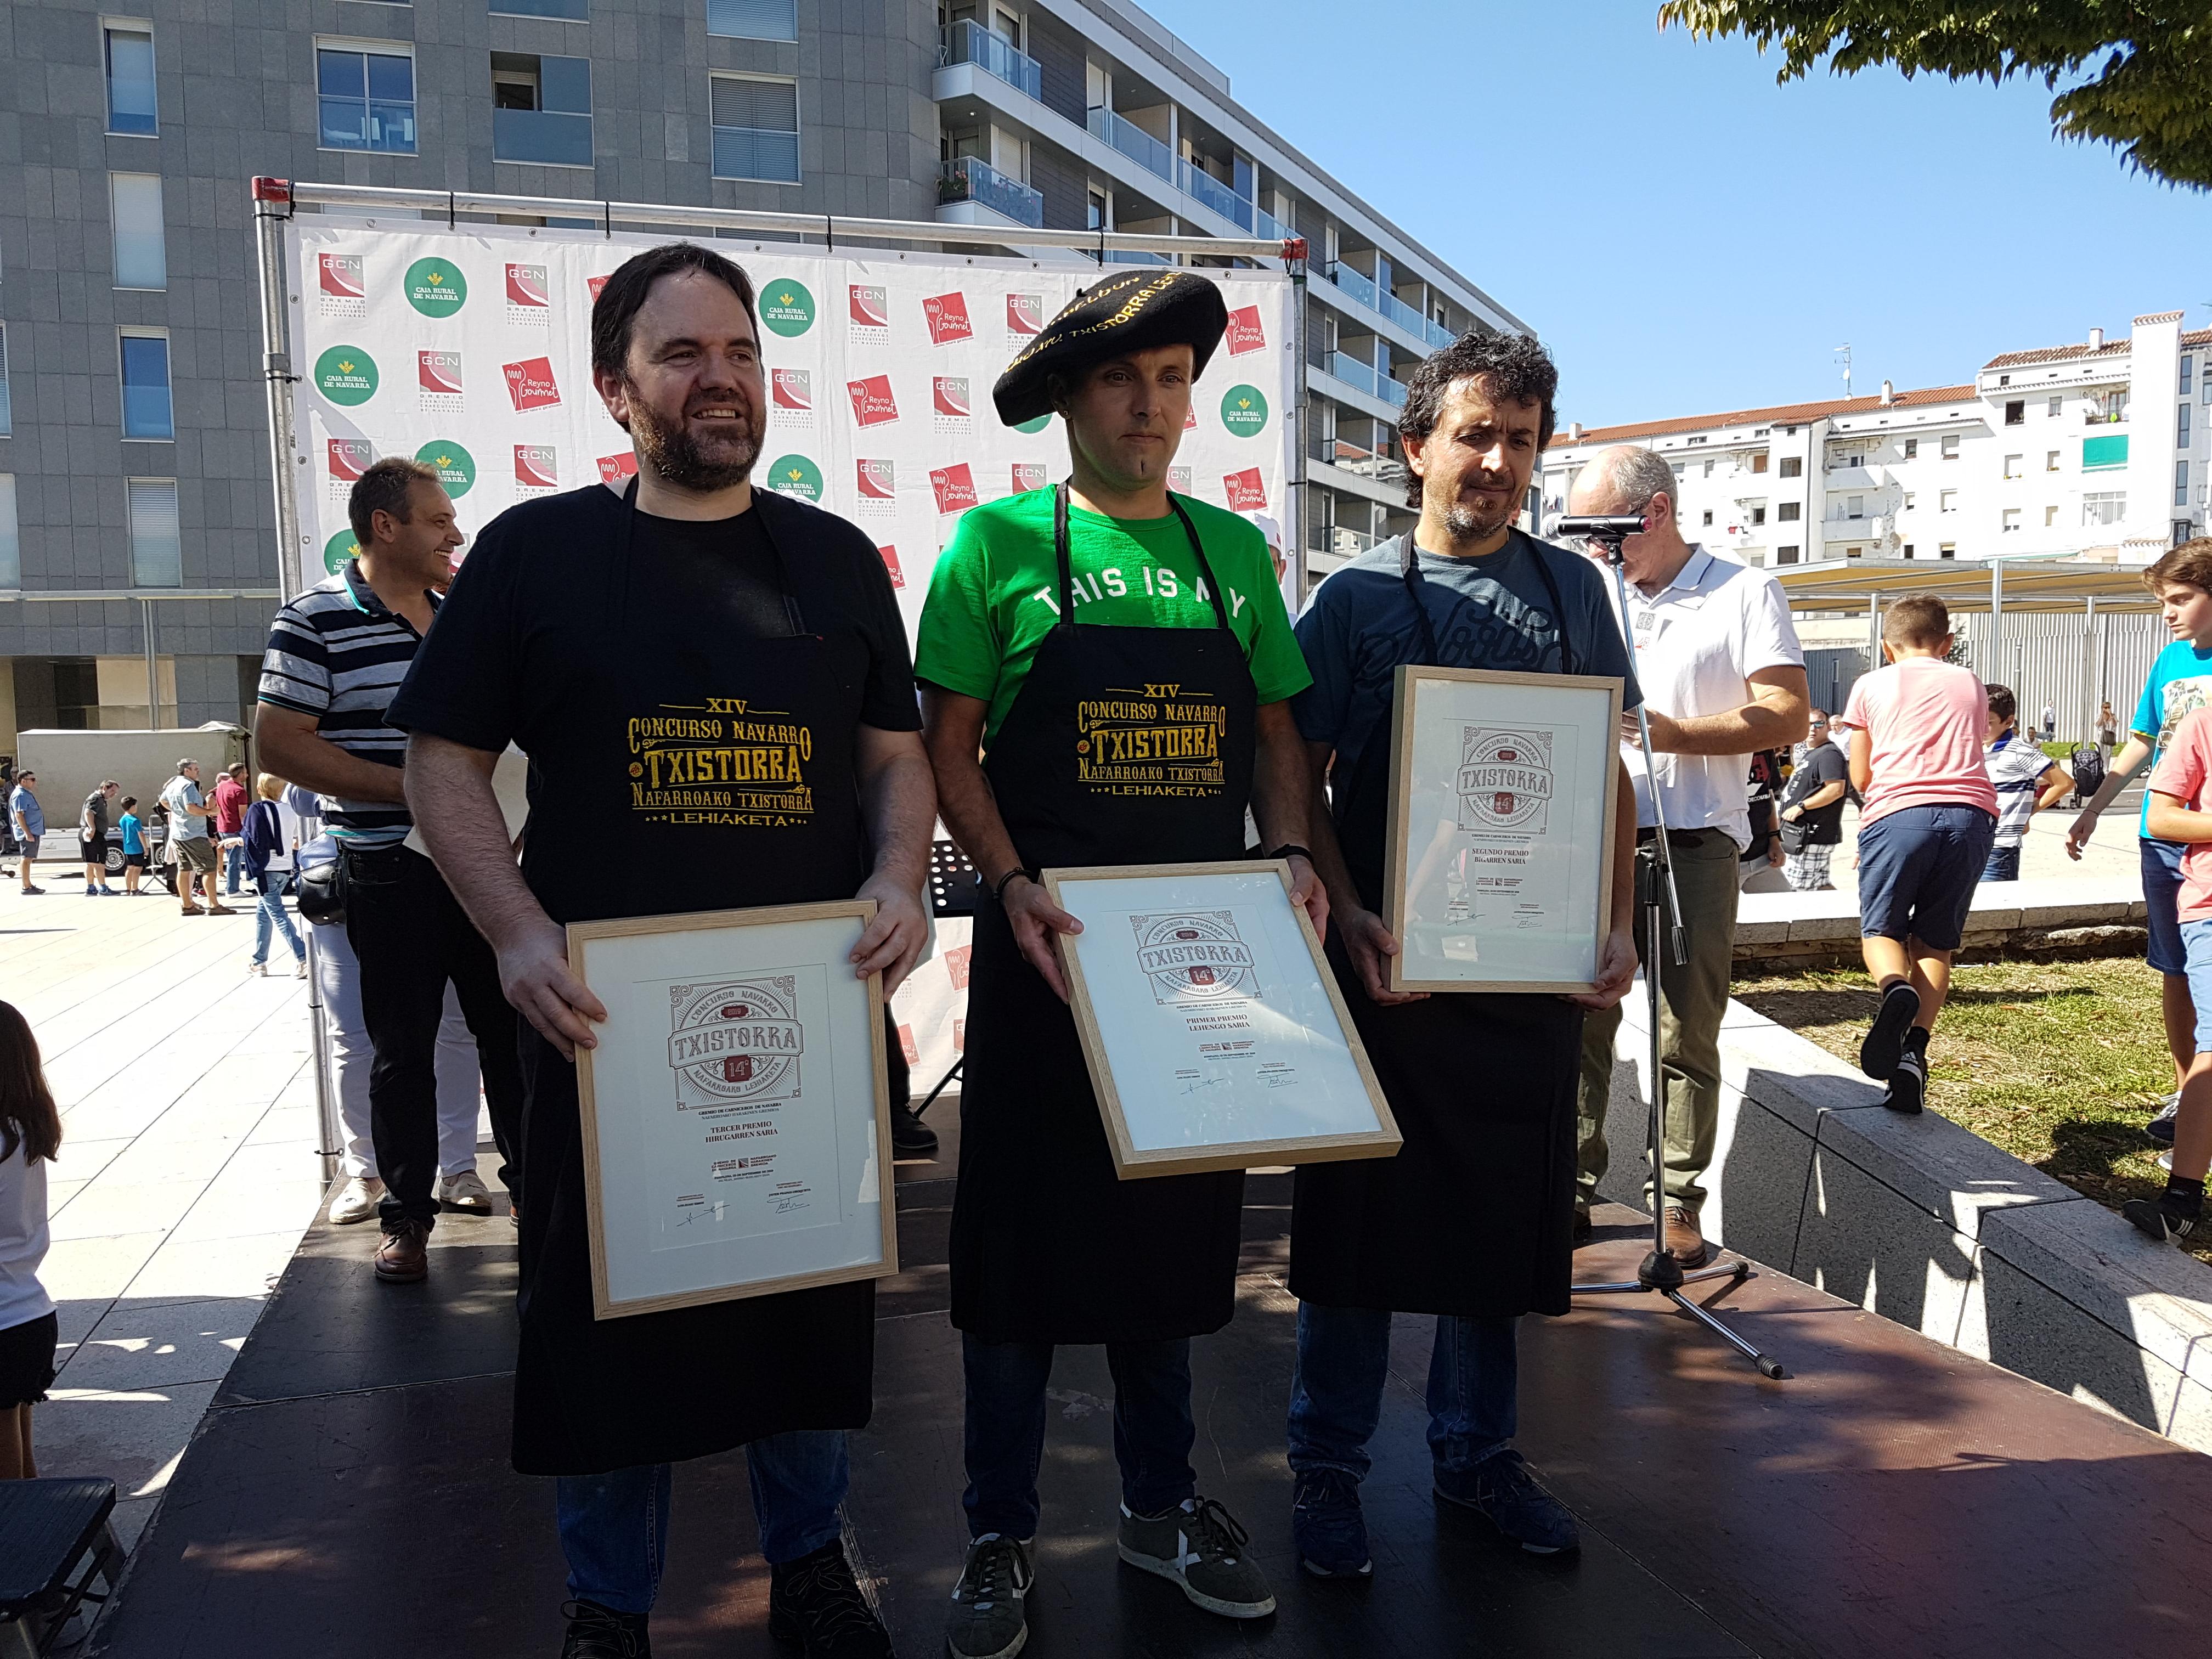 Los tres concursantes premiados, en el centro el ganador